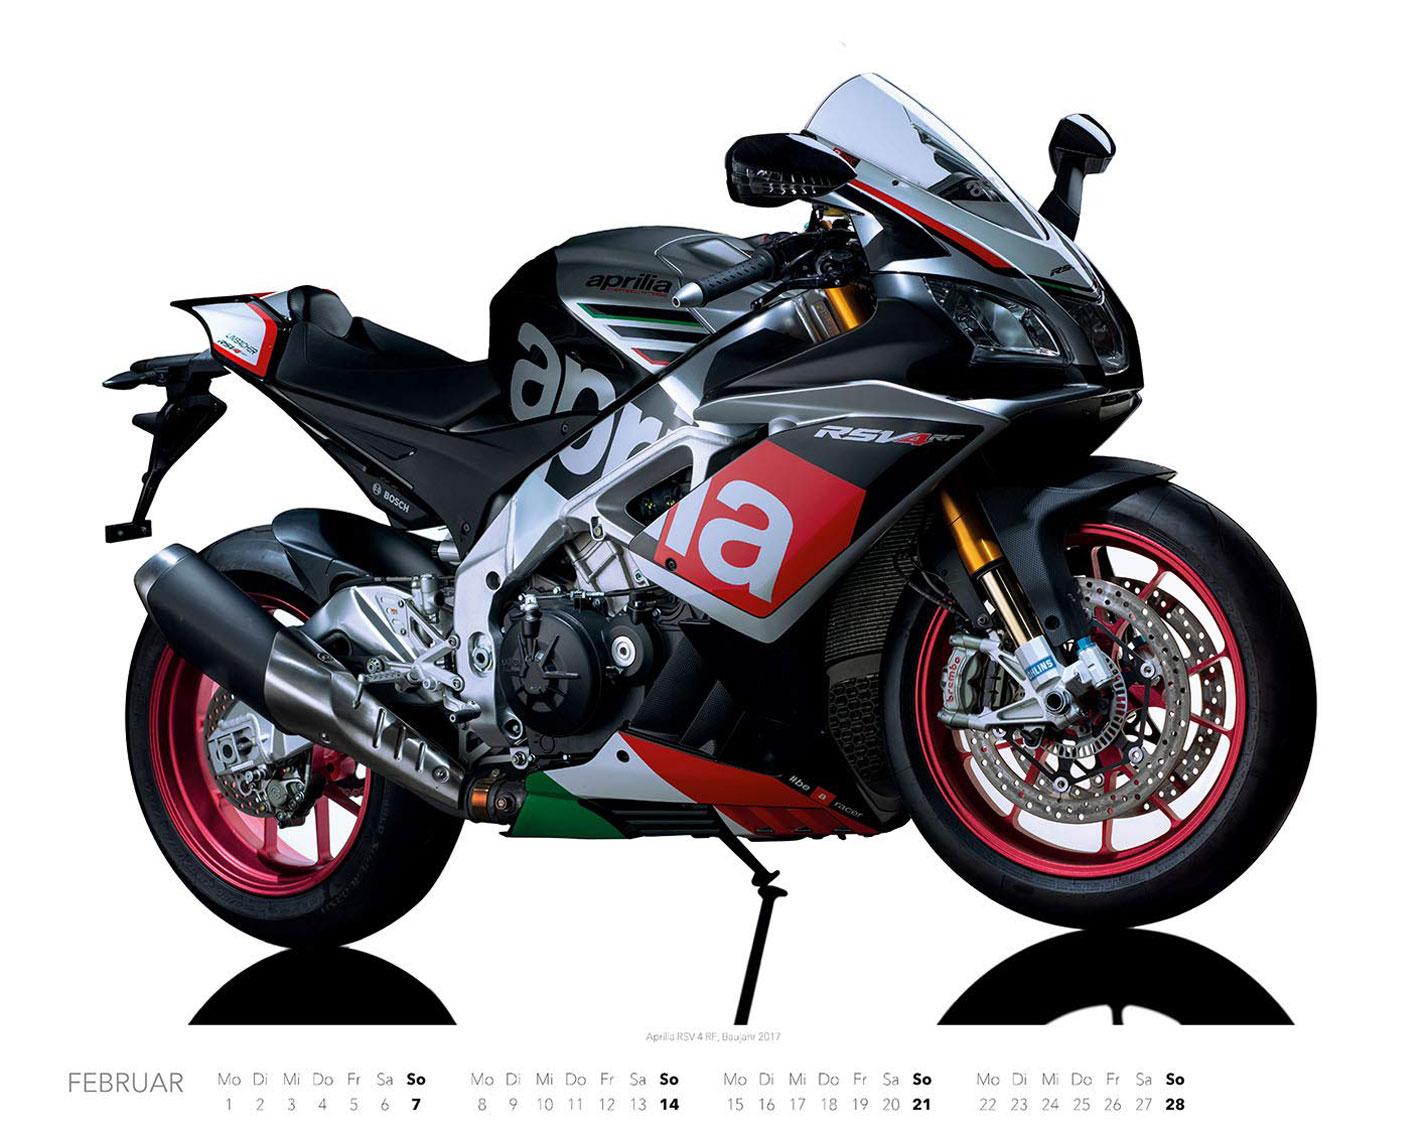 Календарь с крутыми мотоциклами на 2021 год / февраль